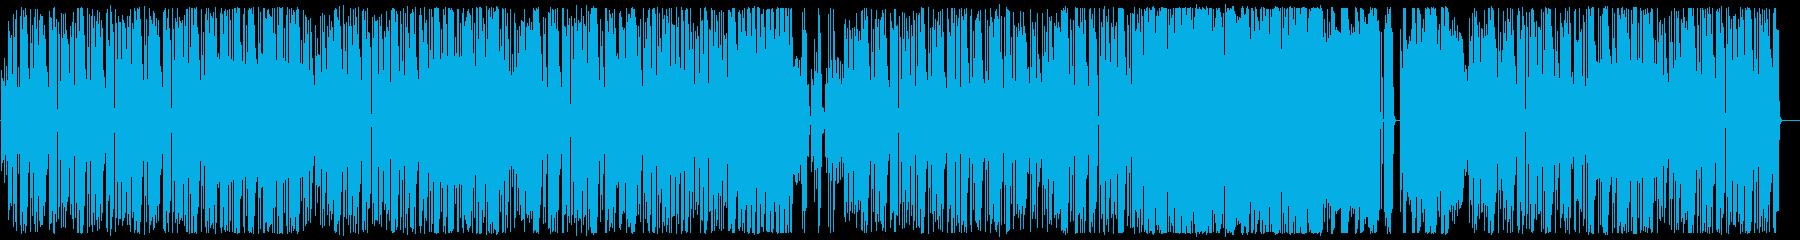 『エリーゼのために』ピコピコアレンジの再生済みの波形